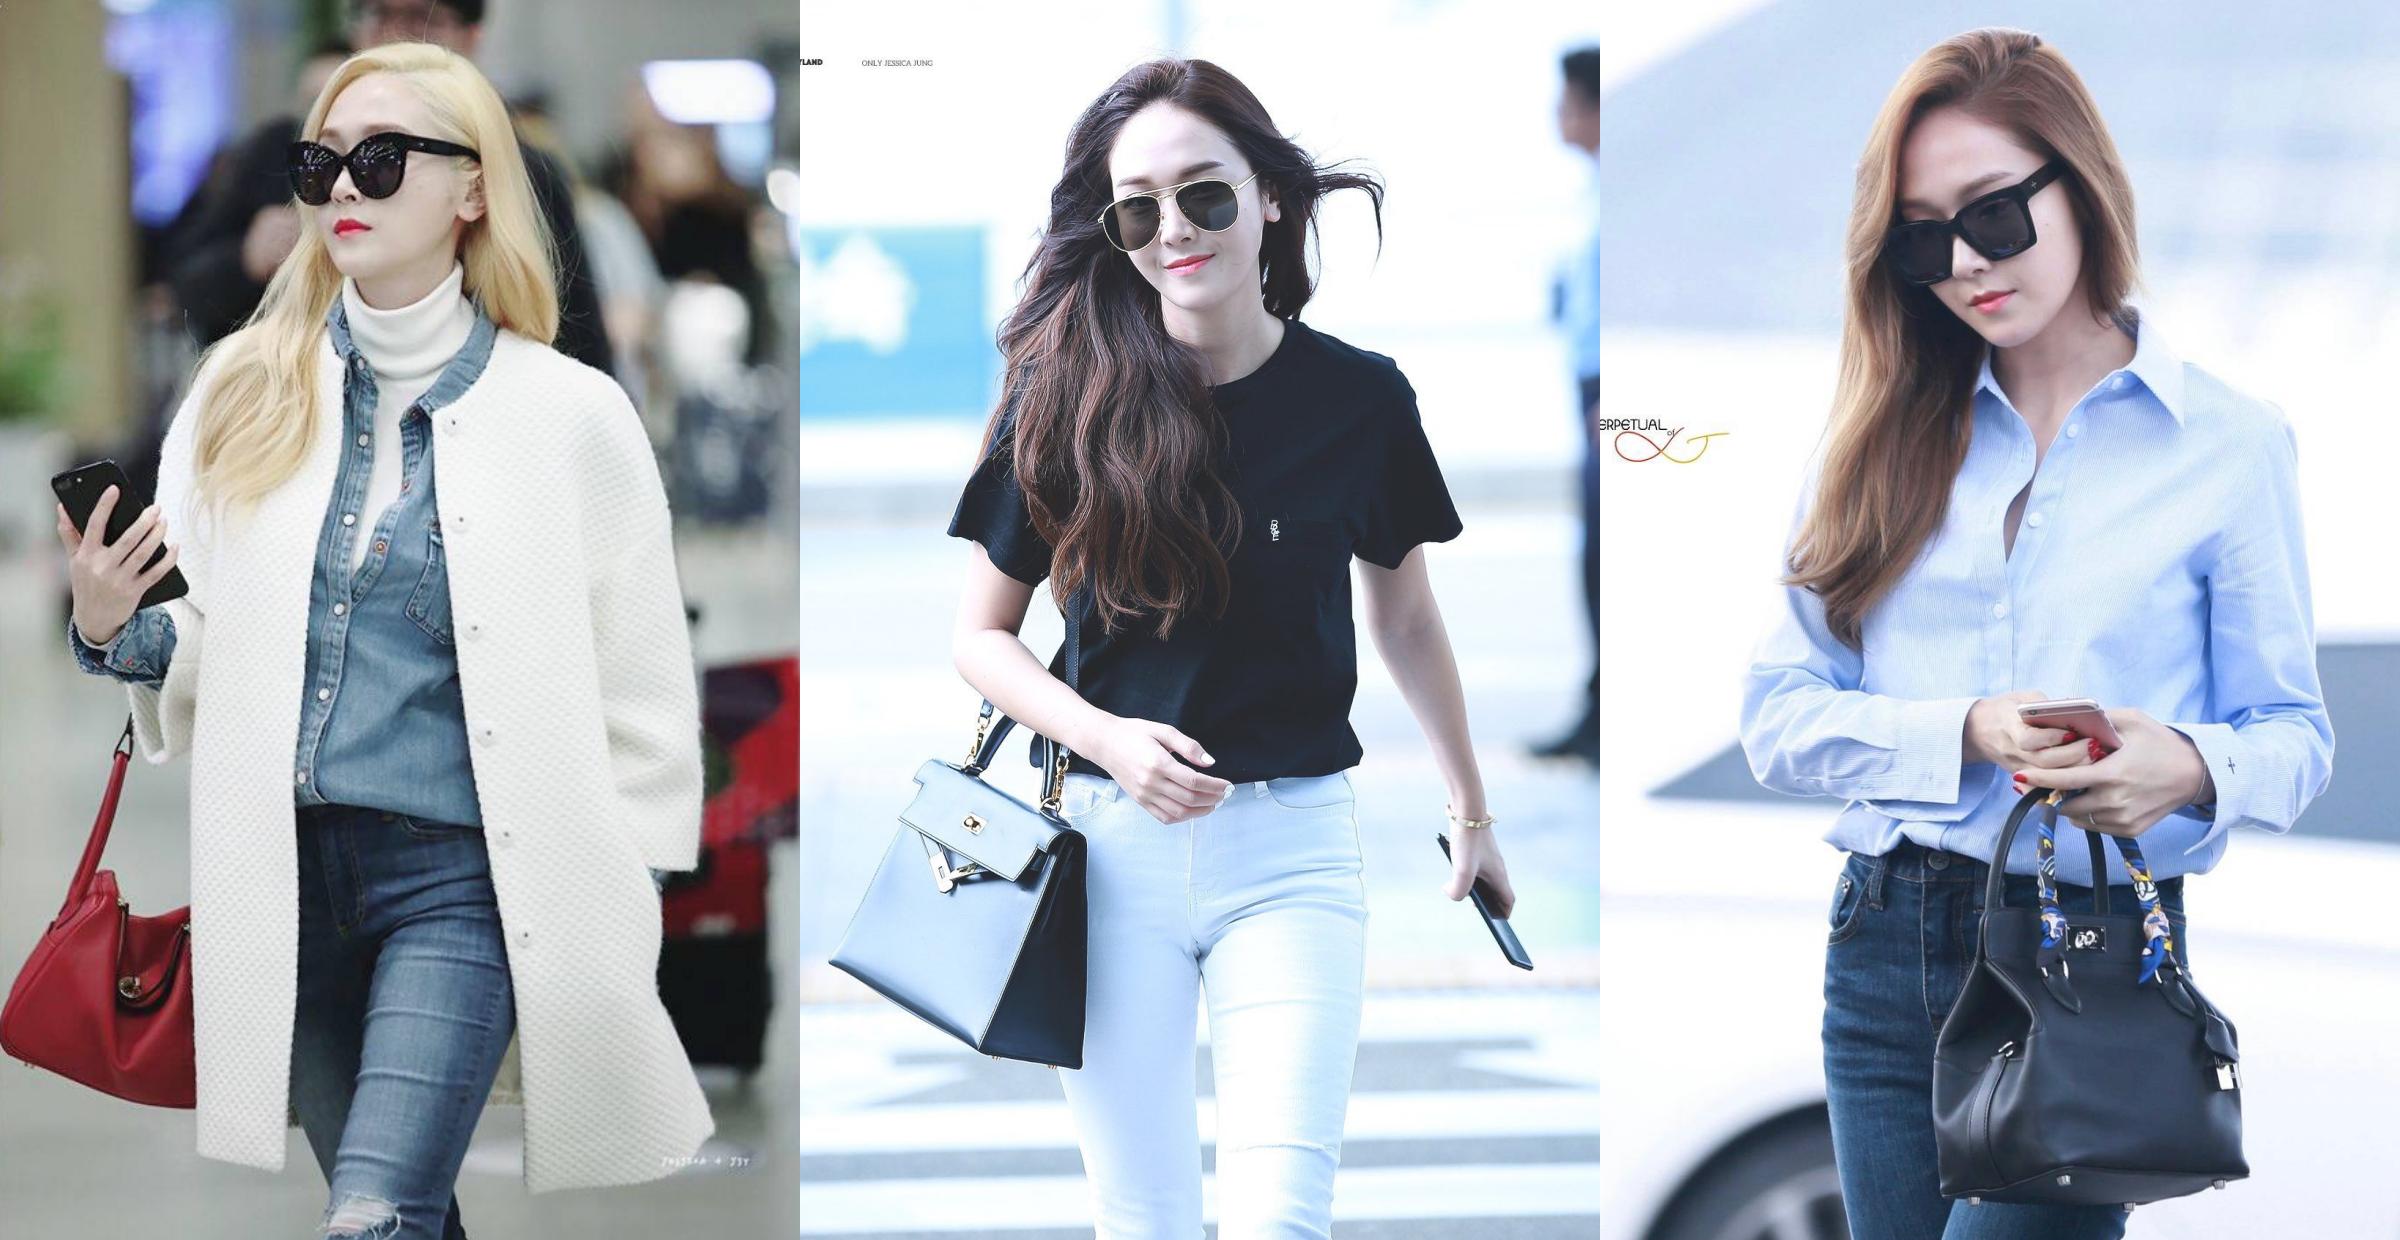 Người đẹp ra sân bay với trang phục năng động, thanh lịch, nhấn vào loạt túi Hermes.Jessica Jung sinh năm 1989, ra mắt cùng nhóm SNSD năm 2007. Sau khi rời nhóm, cô tập trung kinh doanh thời trang và phát triển sự nghiệp solo.